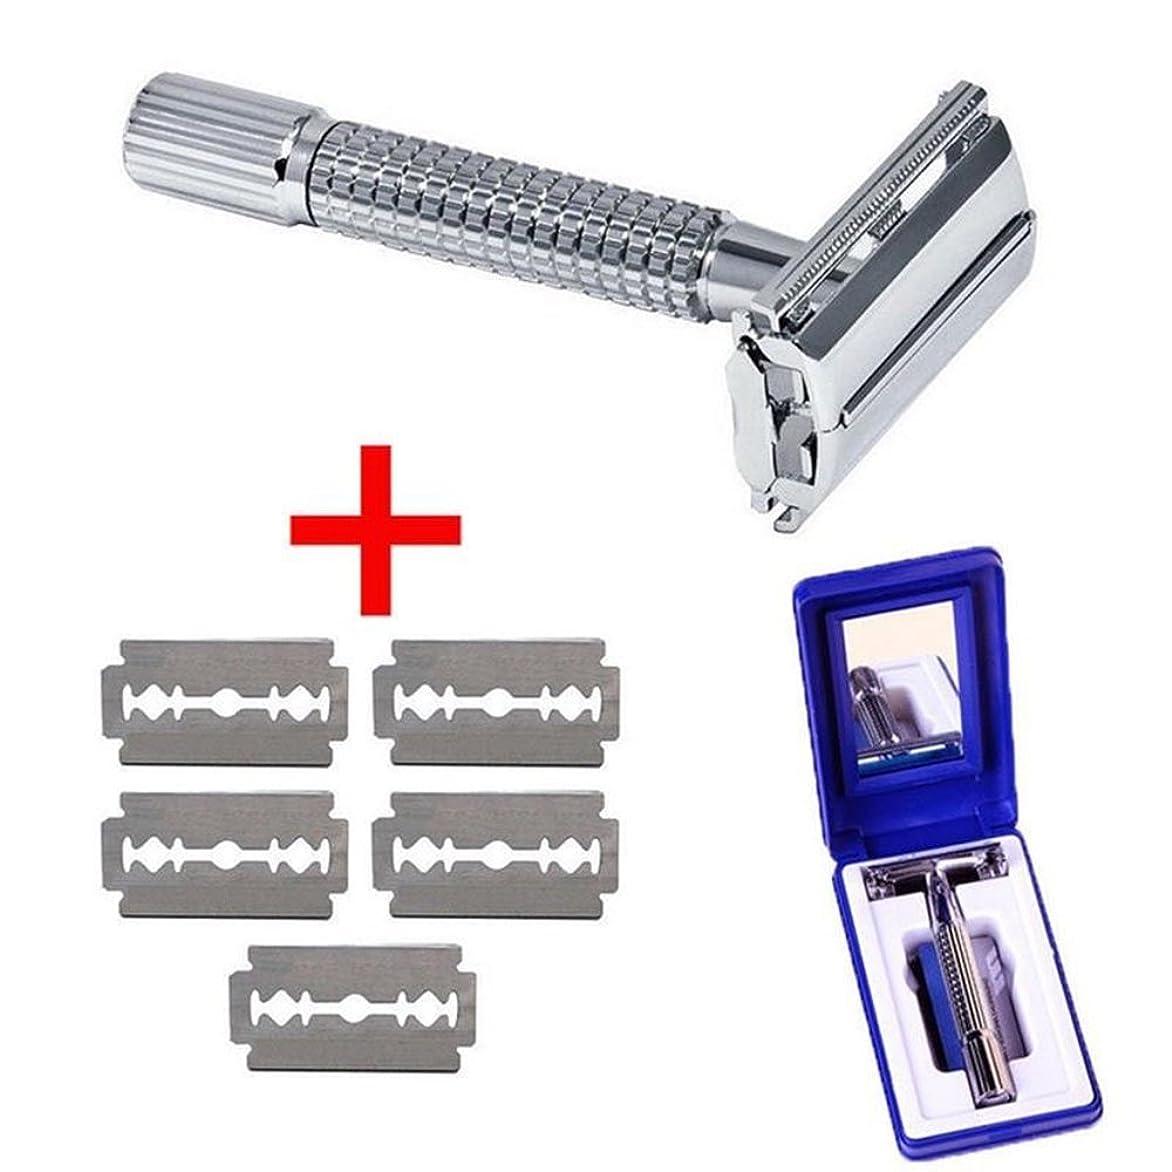 クリエイティブタブレットグッゲンハイム美術館メンズ シェーバー 手動 ステンレス 5枚刃付き 収納ケース/鏡 (手動式)